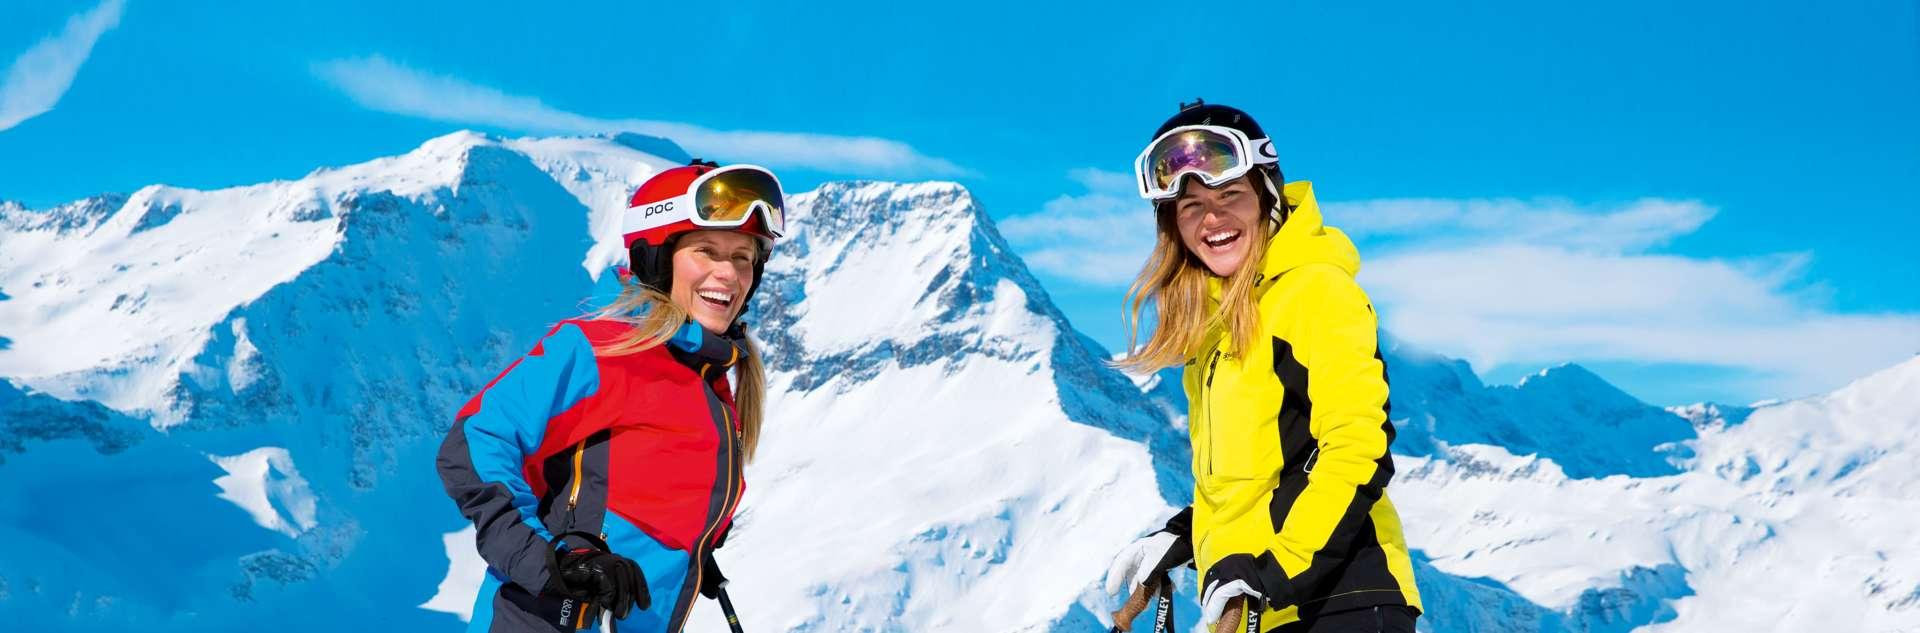 alppimatkat joulu 2018 Hiihto  ja laskettelumatkat Alpeille | STS Alppimatkat® alppimatkat joulu 2018